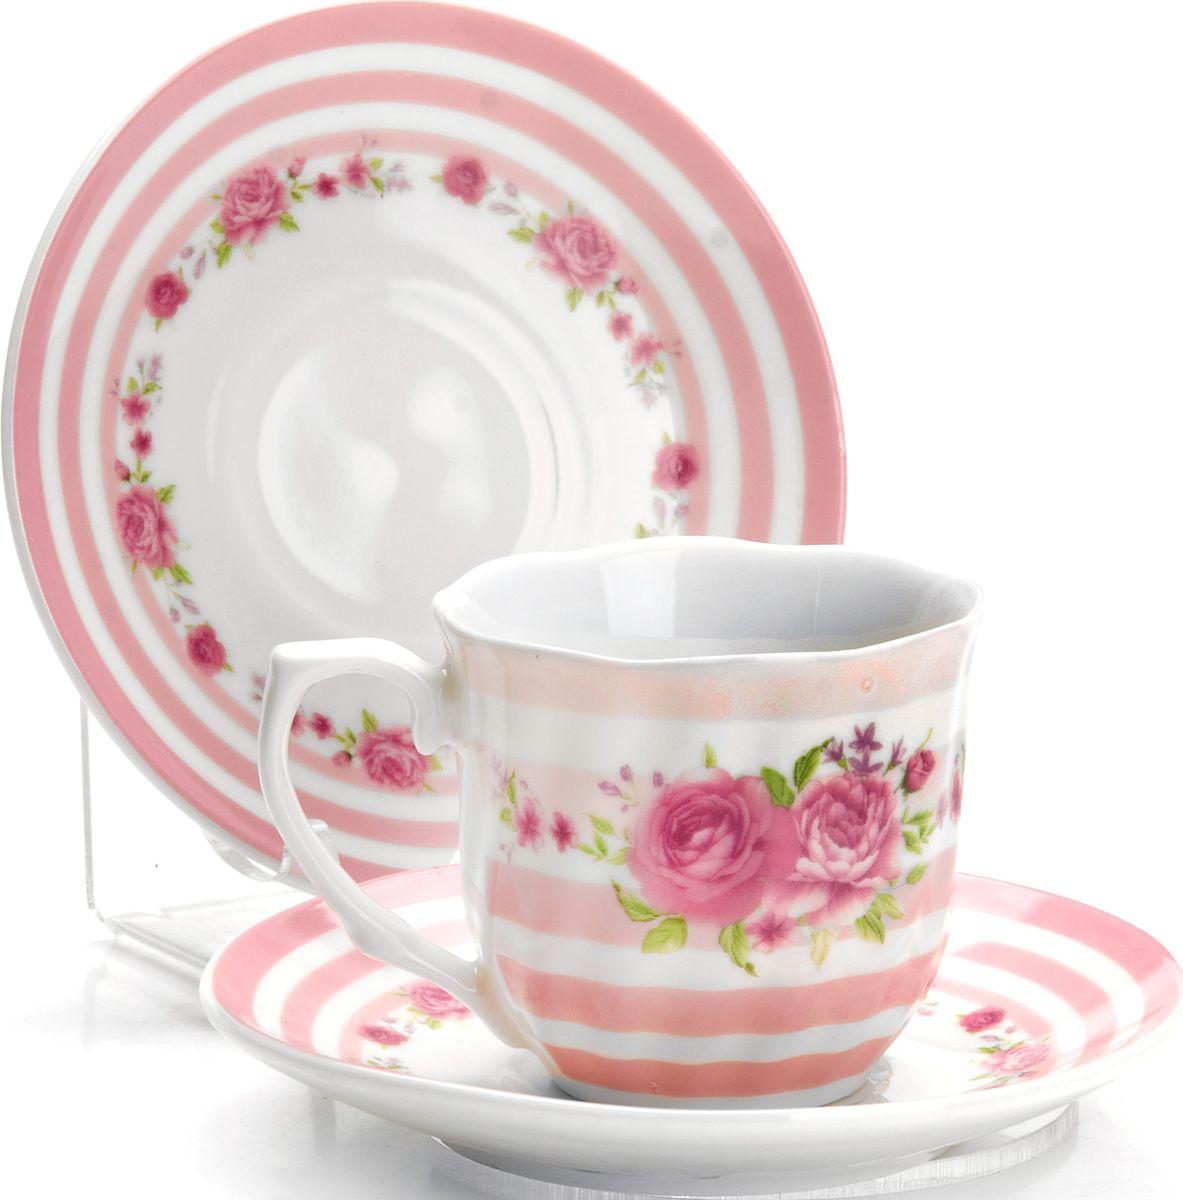 Набор кофейный Loraine, 12 предметов. 43328AK1508-634-Y15Кофейный сервиз на 6 персон изготовлен из качественного фарфора и оформлен красивым цветочным рисунком. Элегантный и удобный кофейный сервиз не только украсит сервировку стола, но и поднимет настроение и превратит процесс чаепития в одно удовольствие.Сервиз состоит из 12 предметов: шести чашек и шести блюдец, упакованных в подарочную коробку. Чашки имеют удобную, изящную ручку. Изделия легко и просто мыть. Кофейный сервиз прекрасно подойдет в качестве подарка для родных и друзей на любой праздник!Диаметр чашки: 6 см.Высота чашки: 5,5 см.Объем чашки: 80 мл.Диаметр блюдца: 11 см.